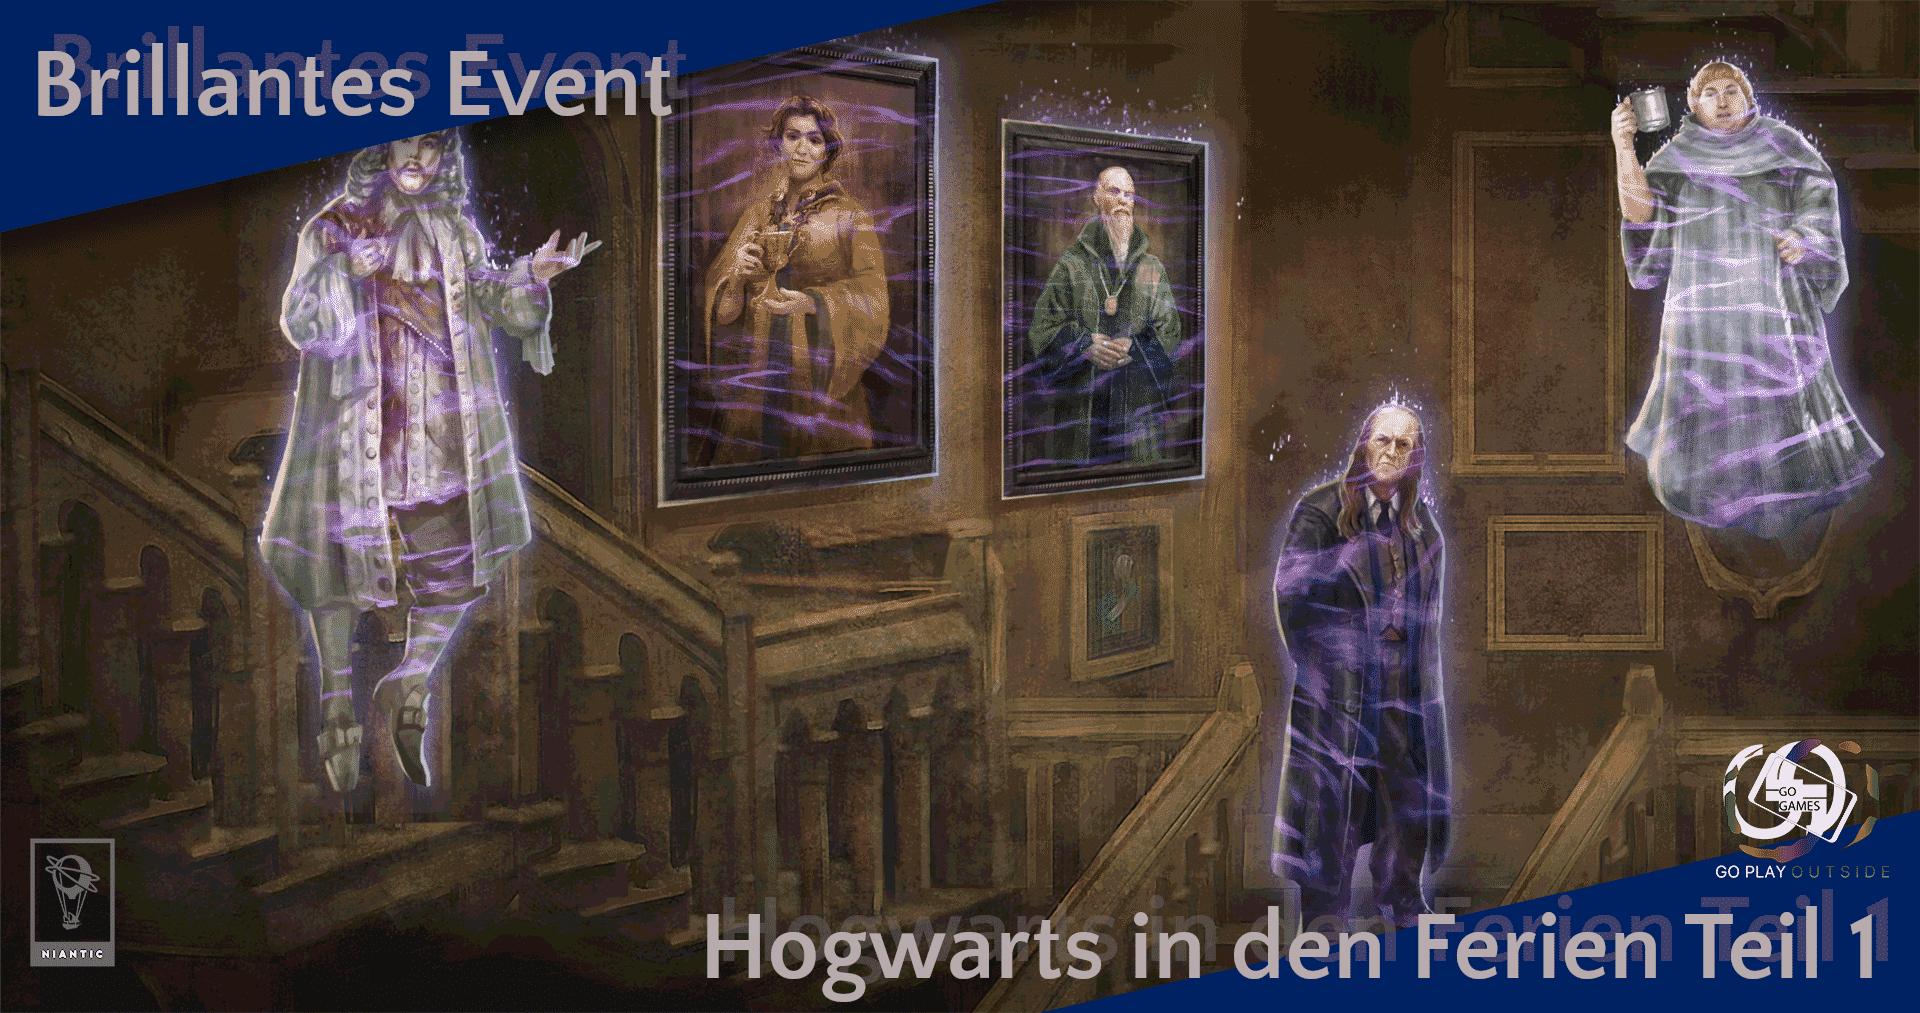 Hogwarts in den Ferien Teil 1